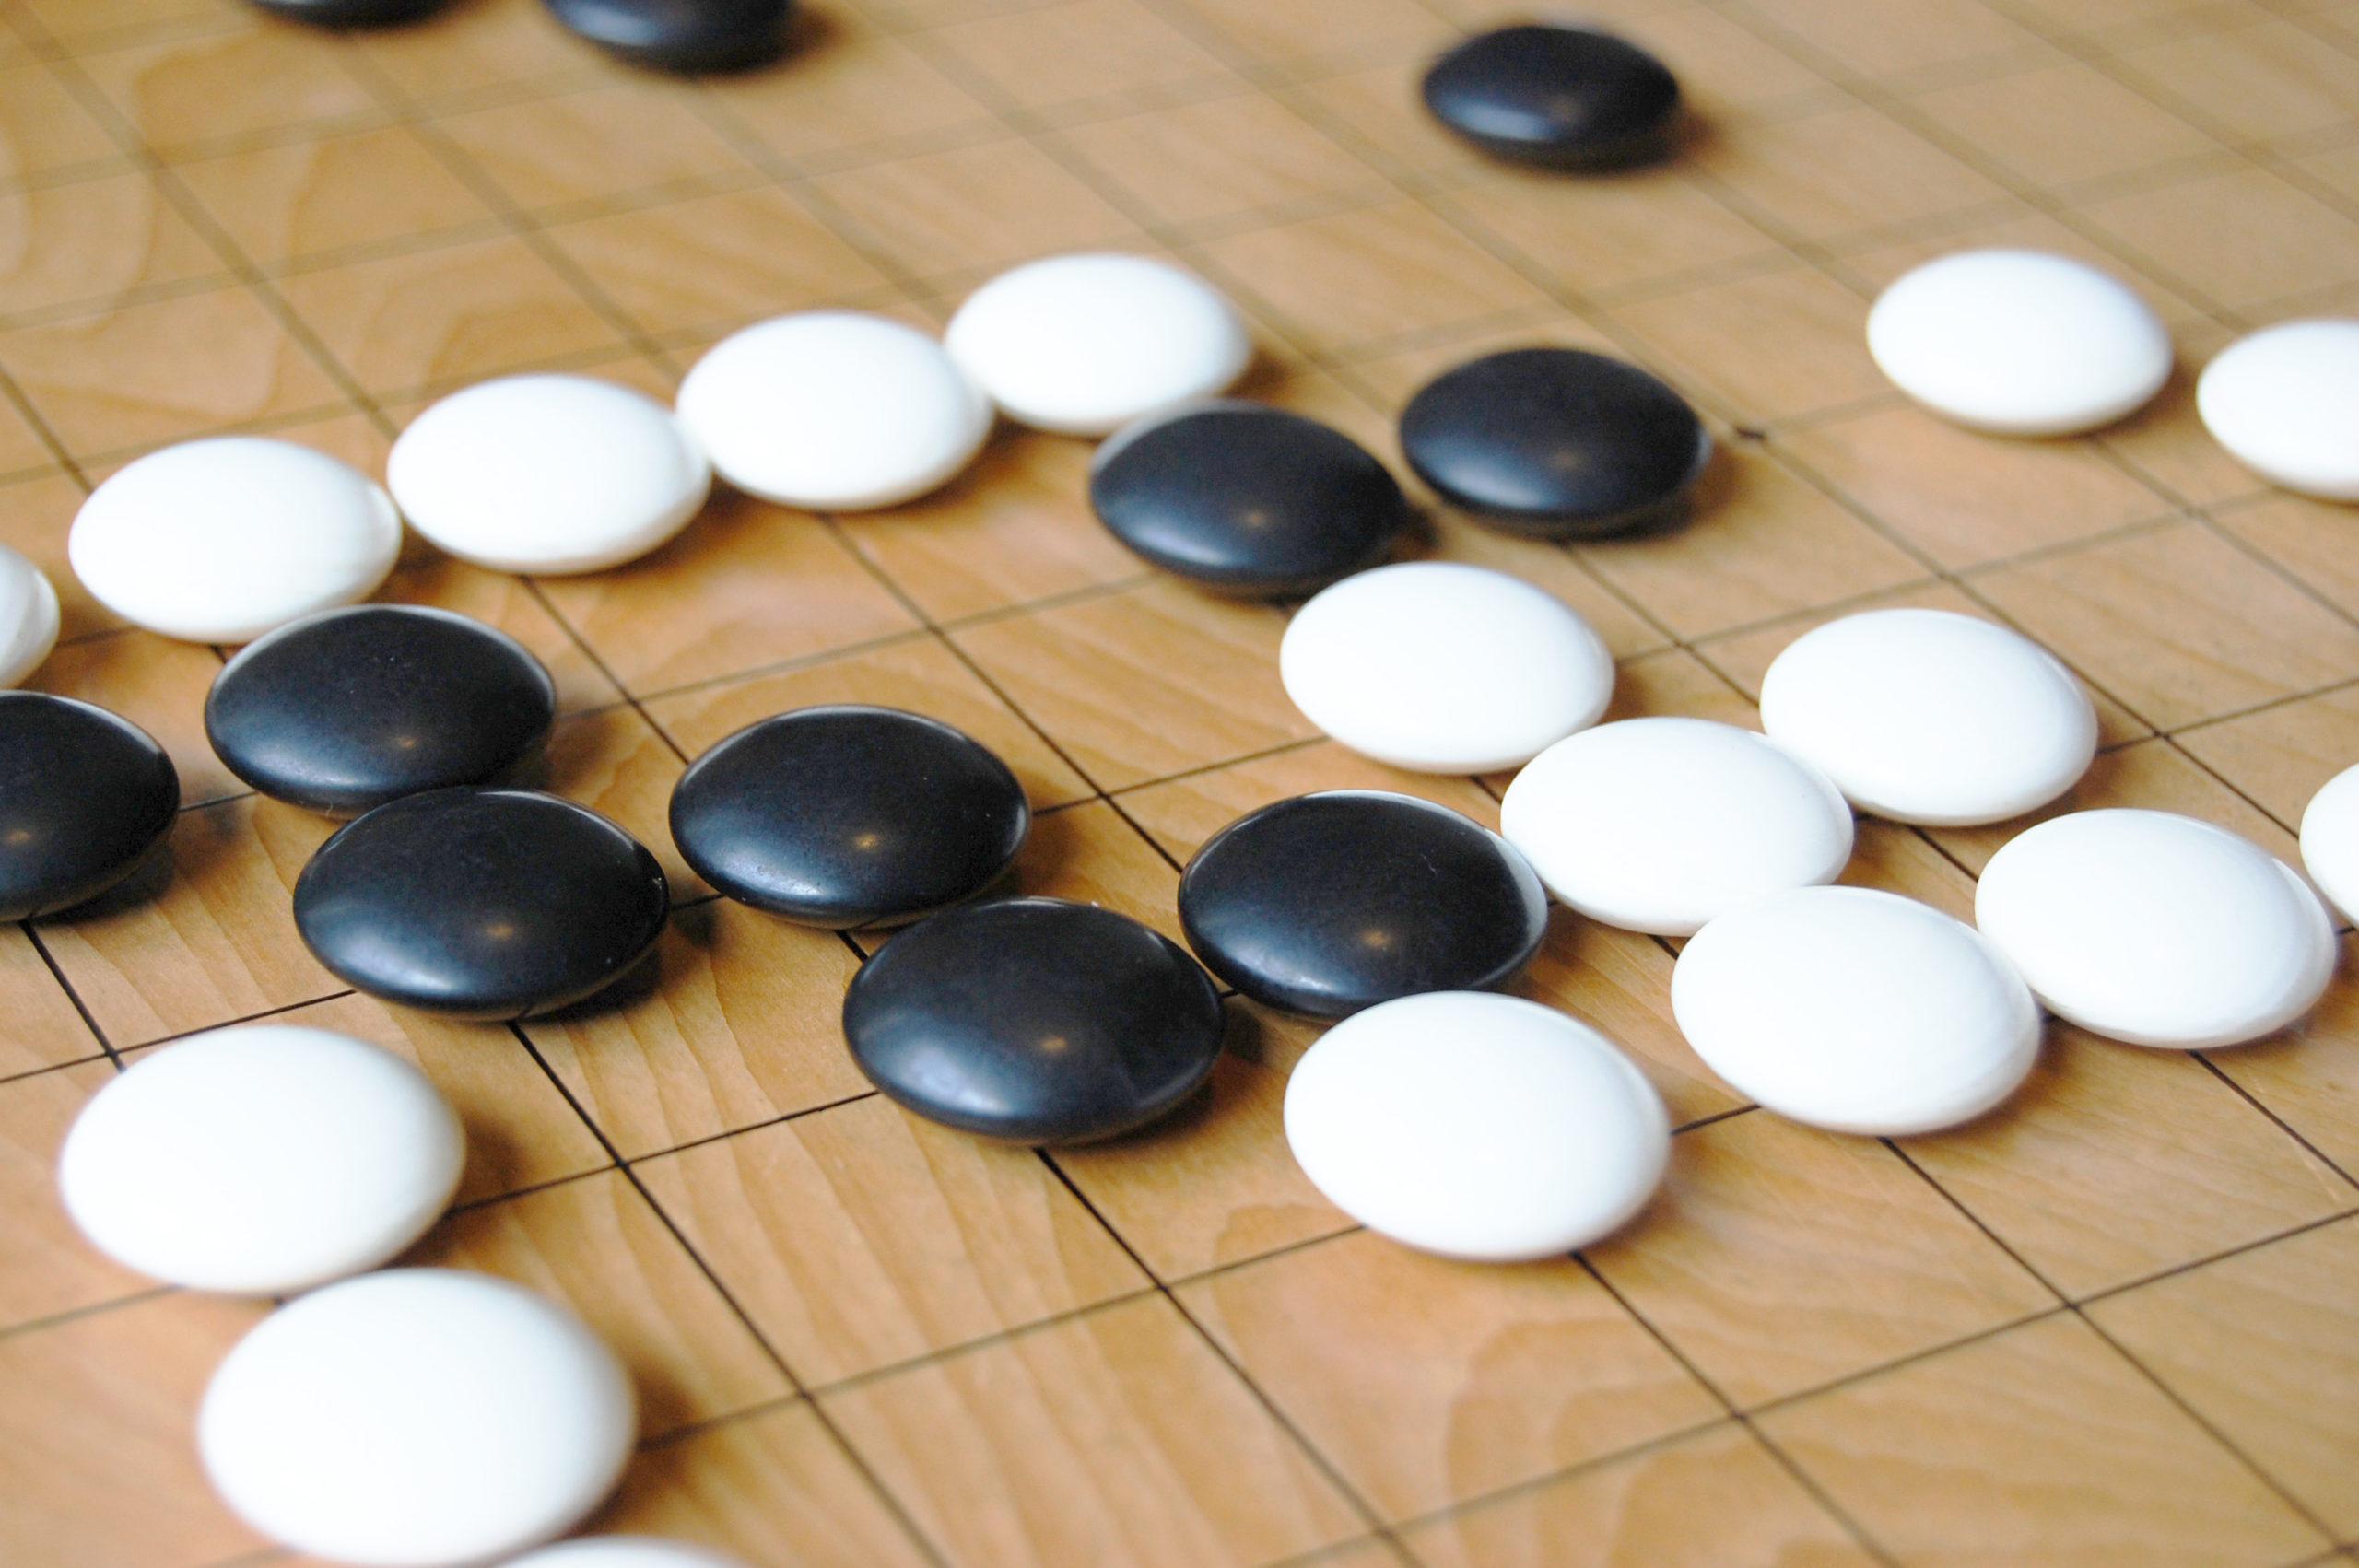 漫画の影響で囲碁をやりたいと思ったりして